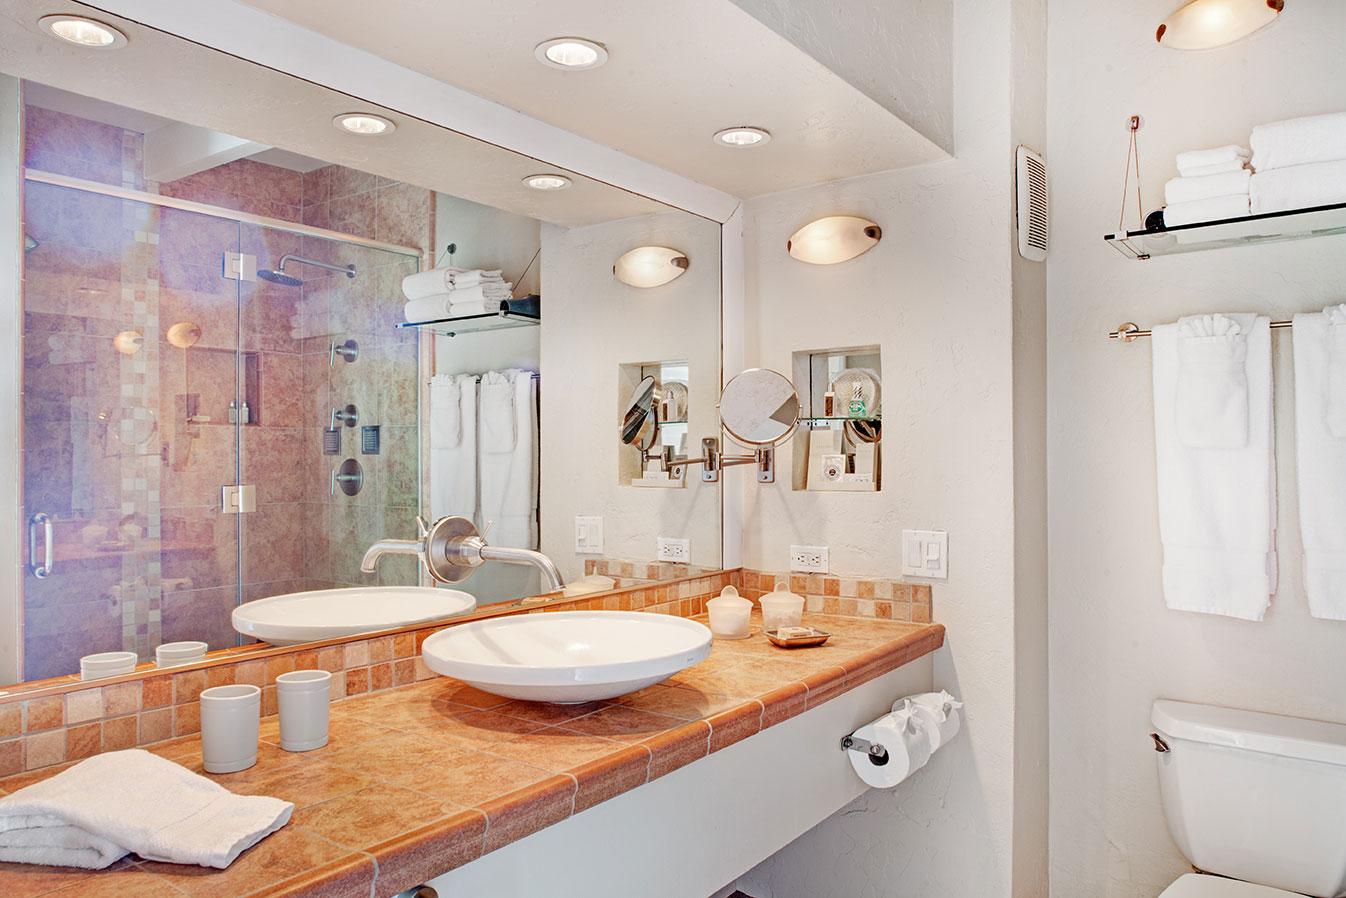 Grand Deluxe Suite bathroom at The Hacienda Gay Resort